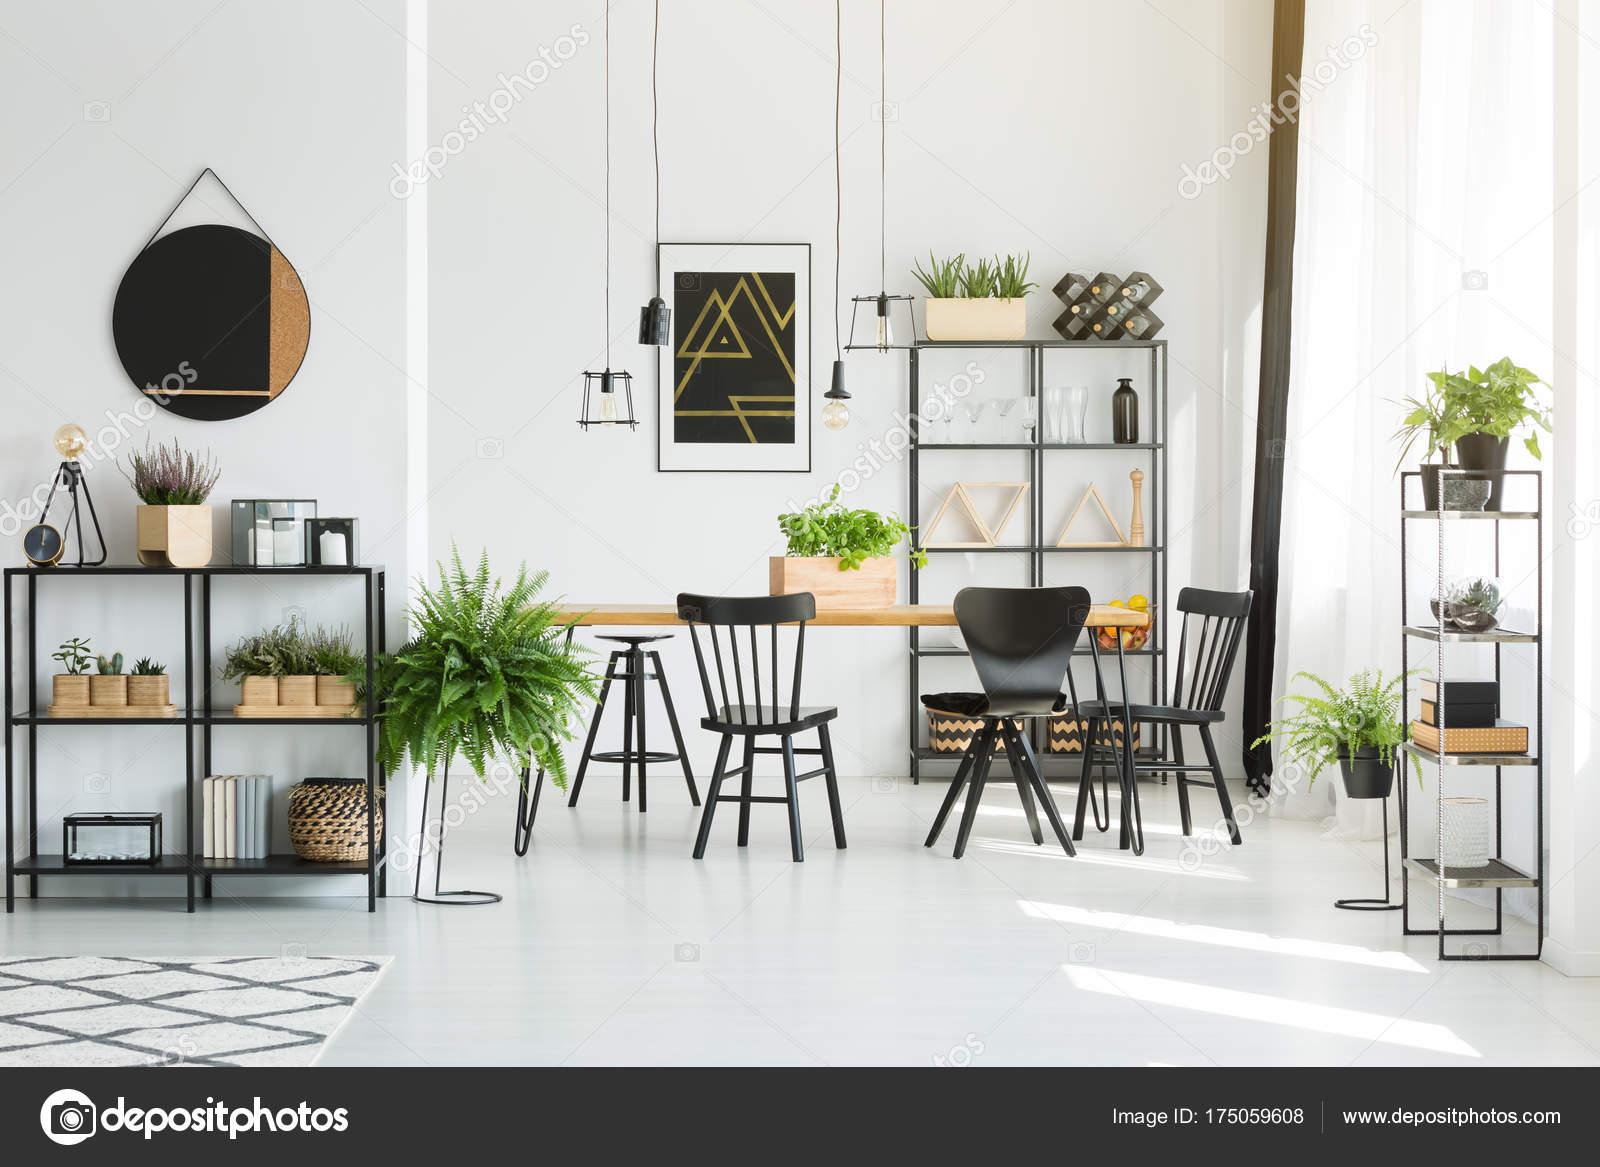 Schwarze Möbel Und Accessoires U2014 Stockfoto